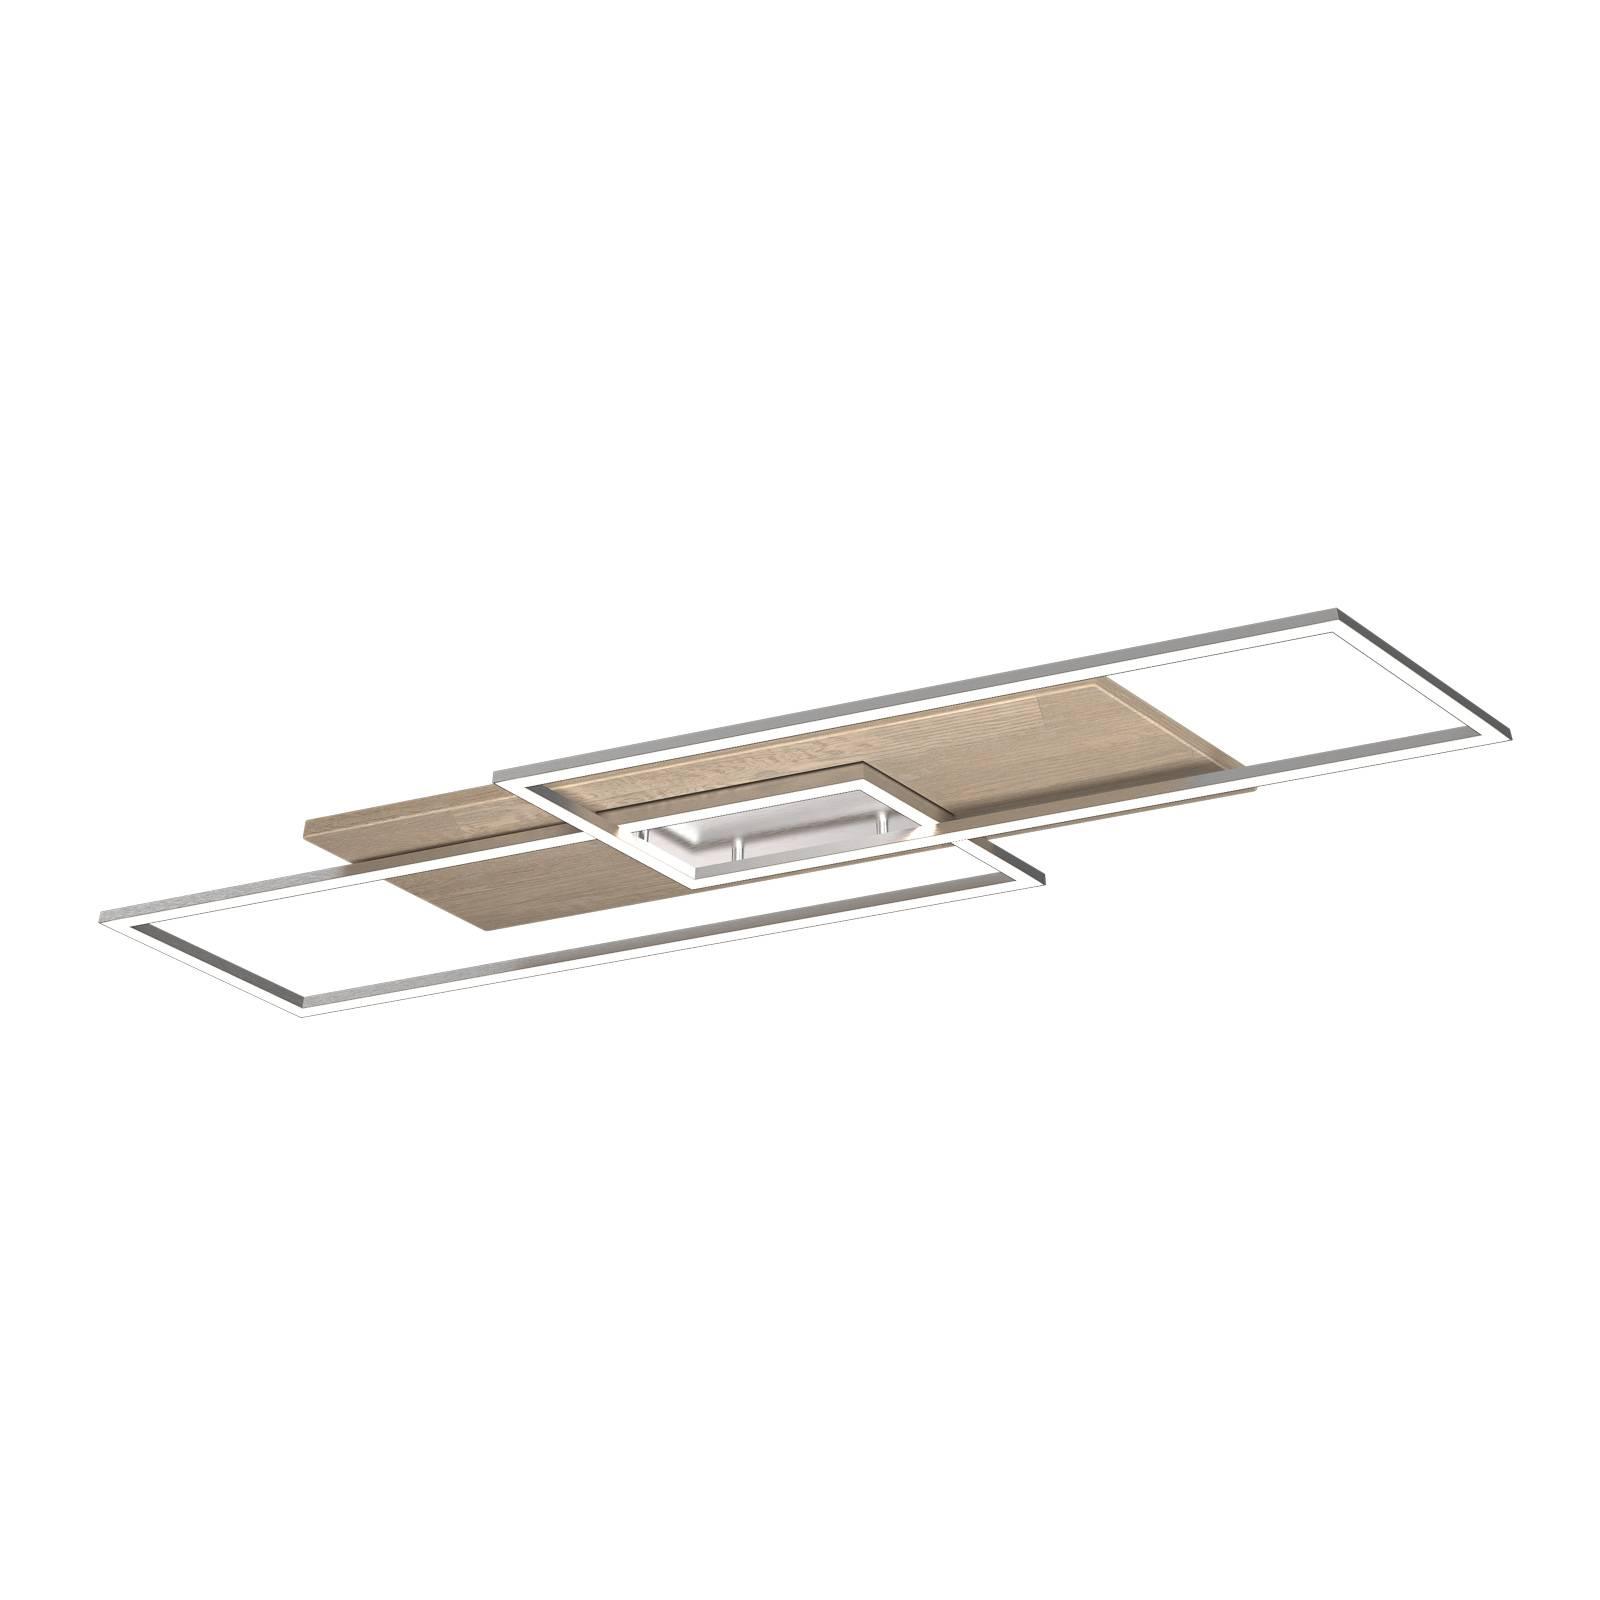 LED-Deckenleuchte Panama XL, Eiche gekalkt